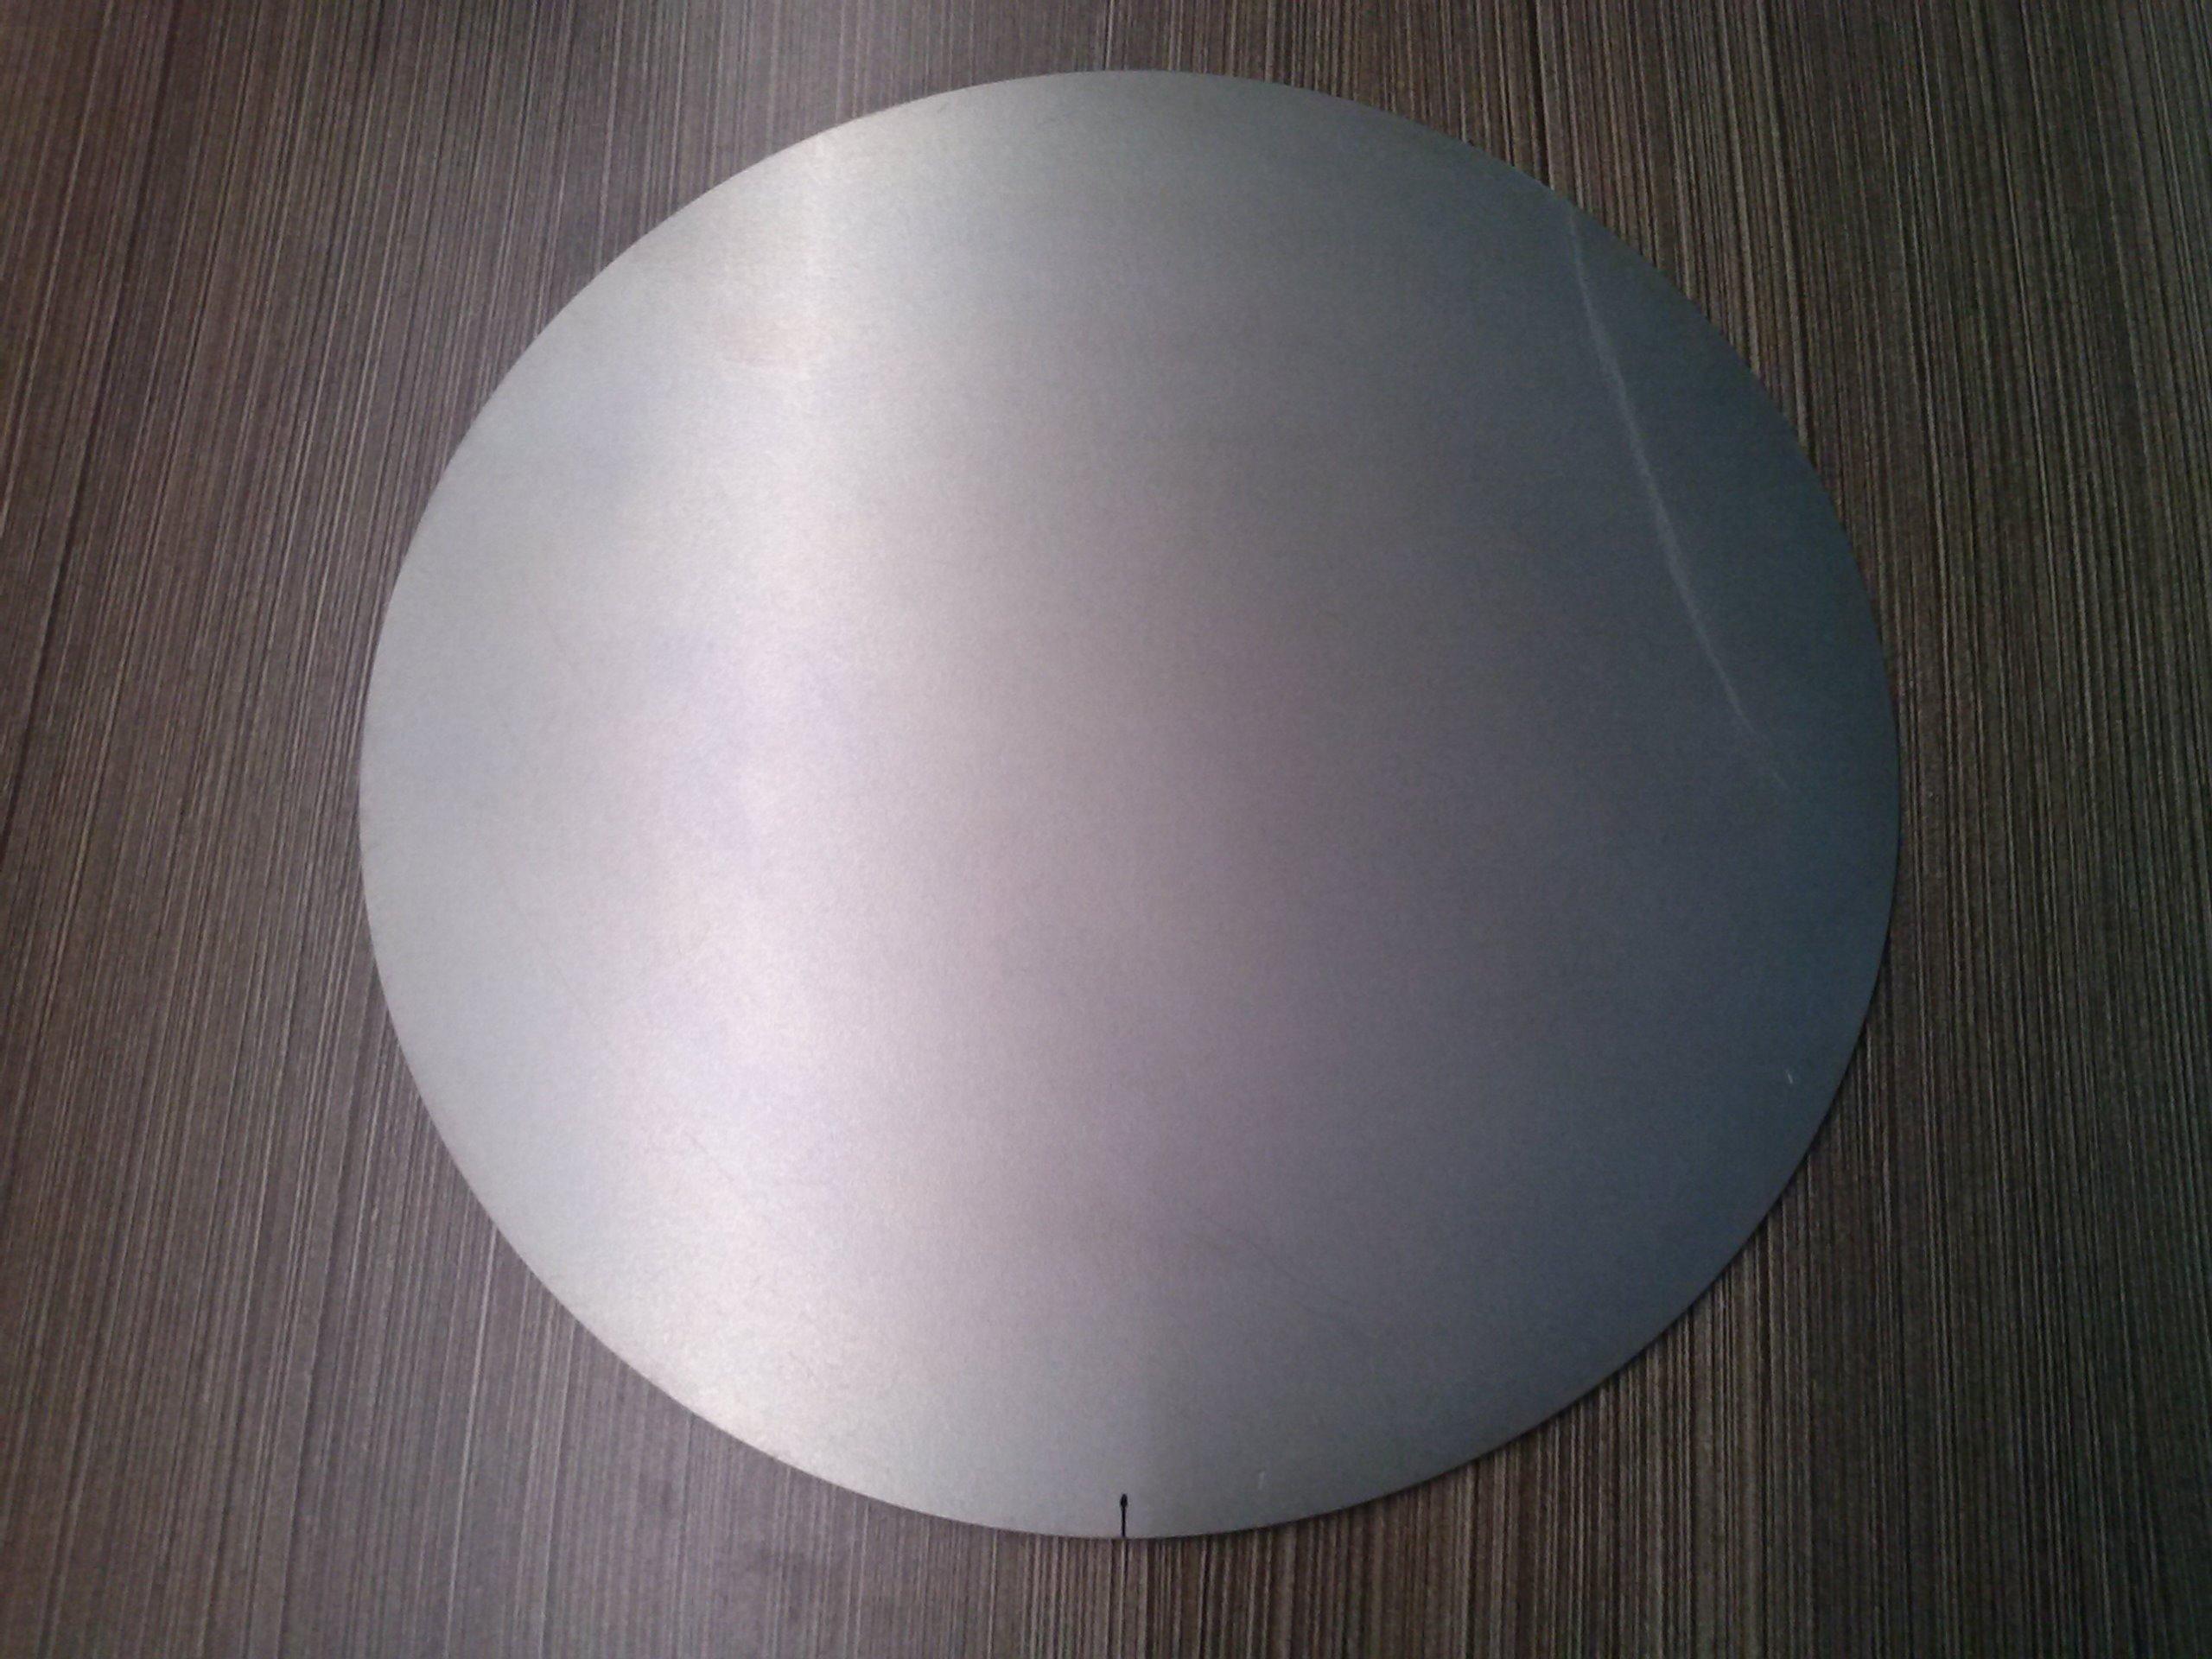 BLACHA STALOWA -- KOŁO fi   193 mm     gr. 3 mm